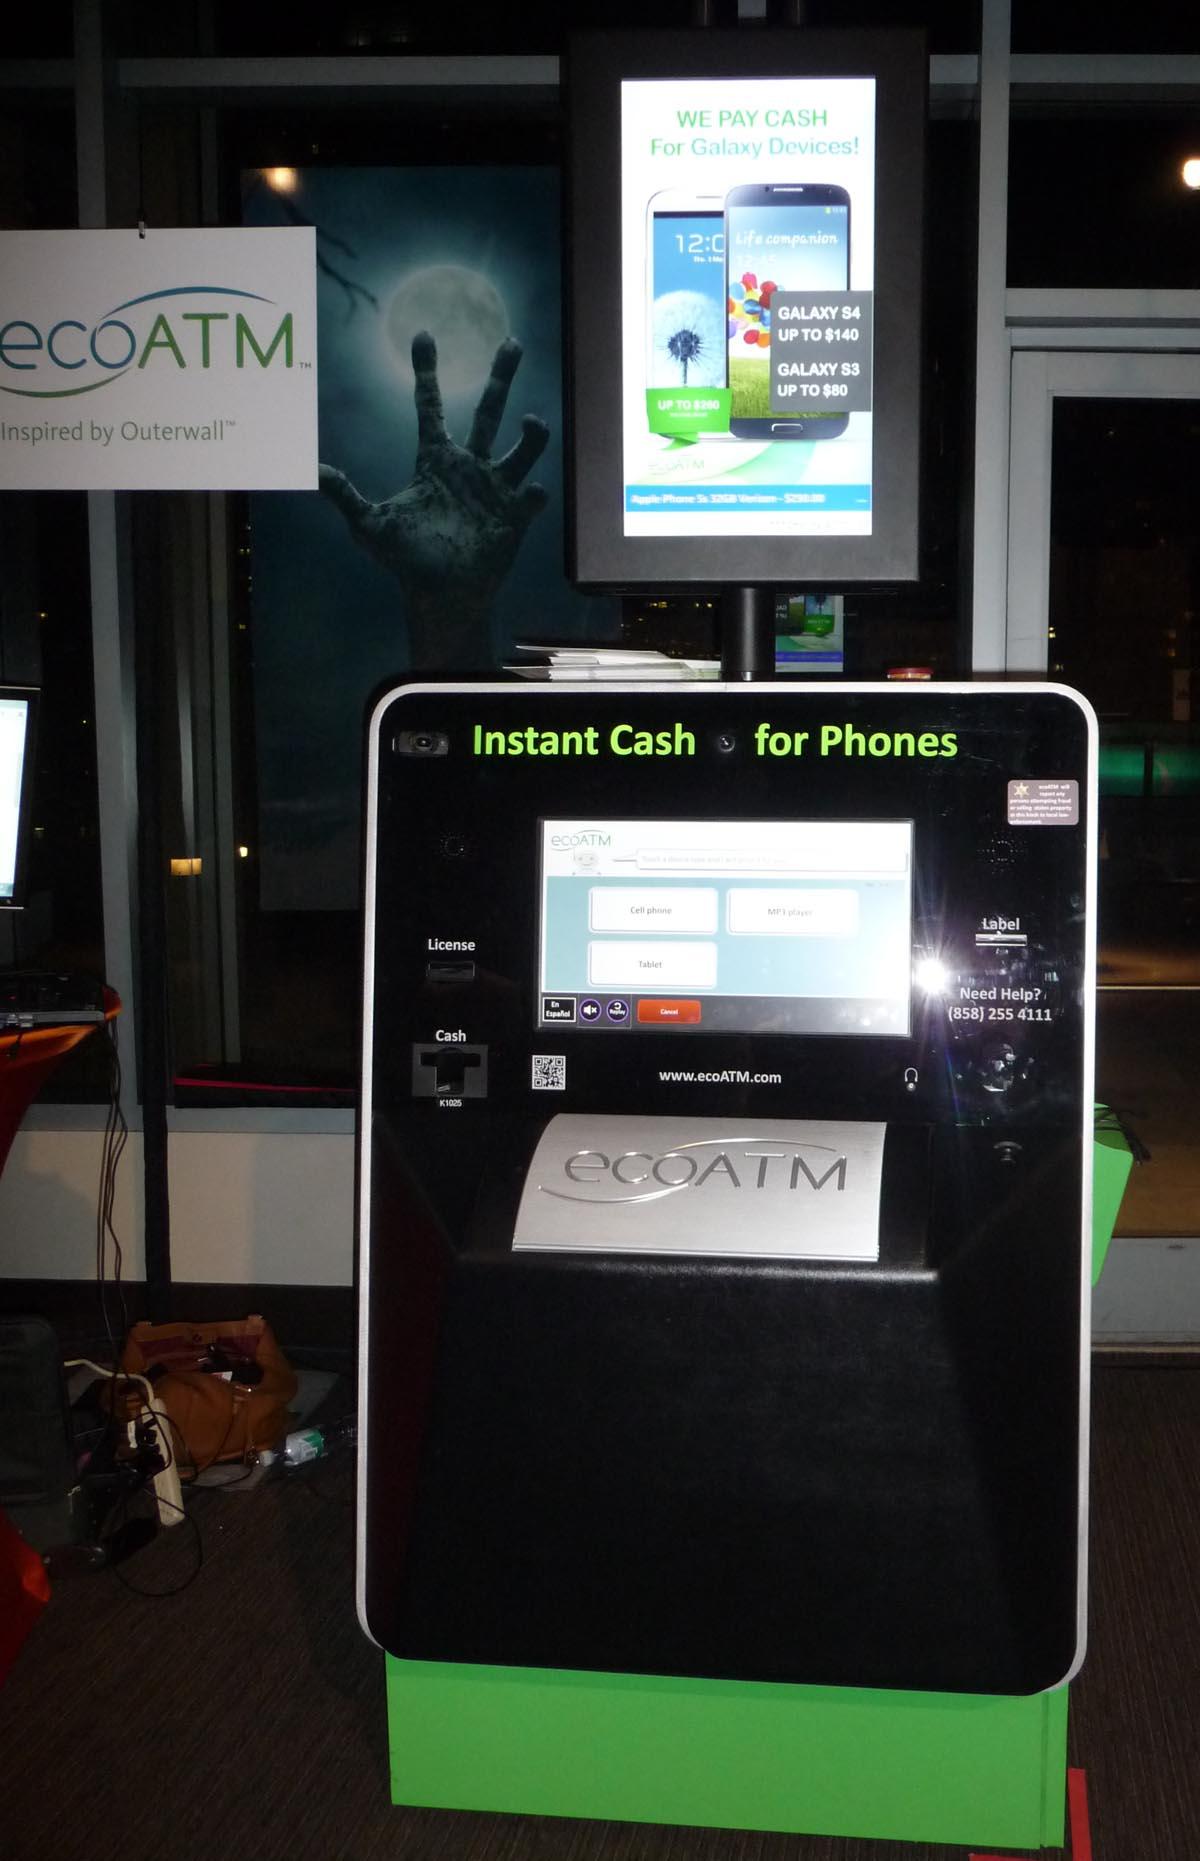 ecoATM kiosk at Pepcom-SF